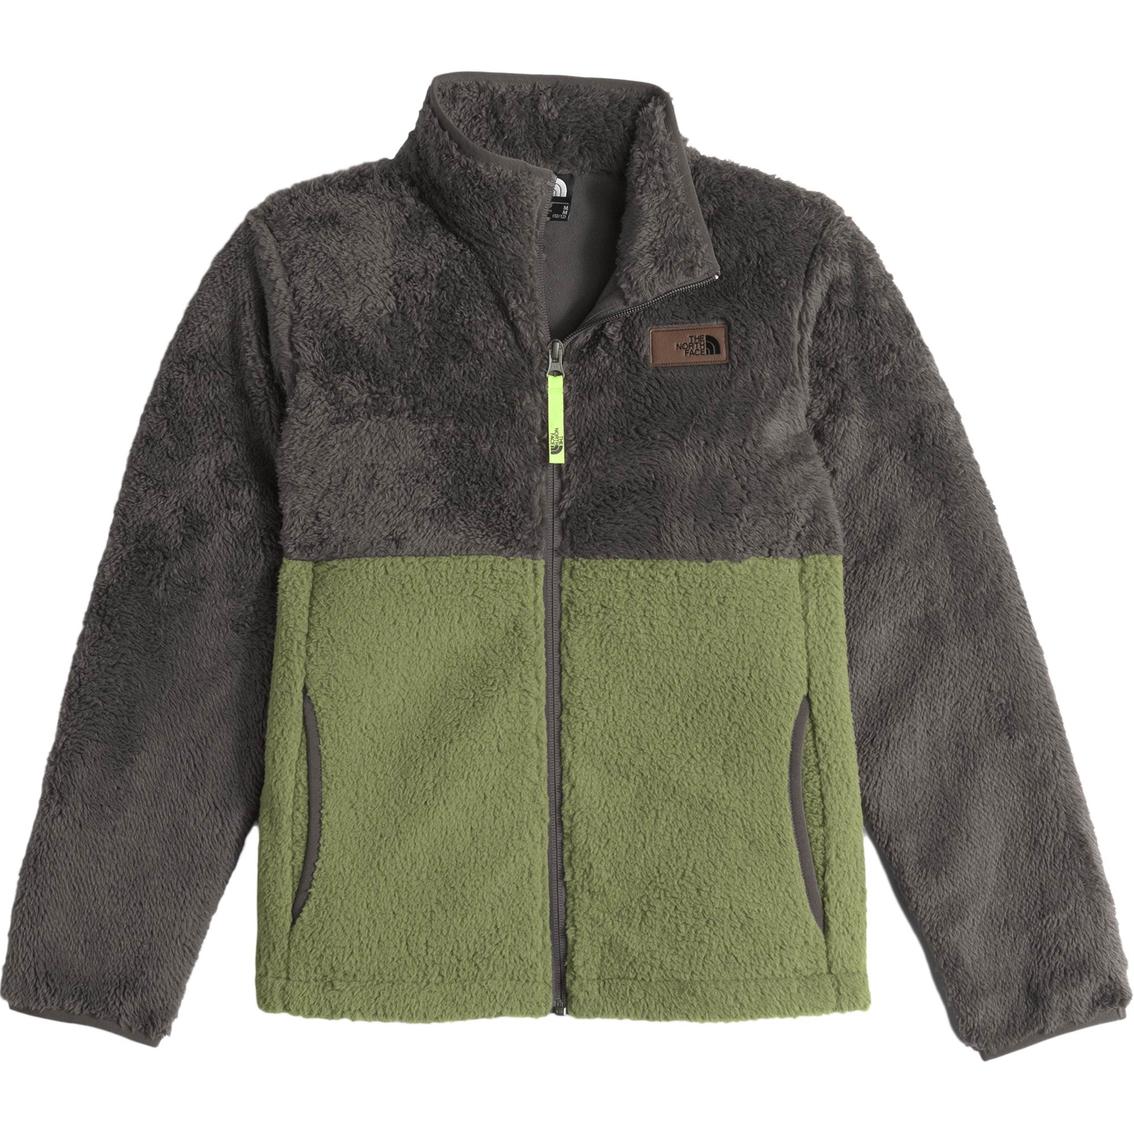 57d34159e The North Face Boys Sherparazo Fleece Jacket